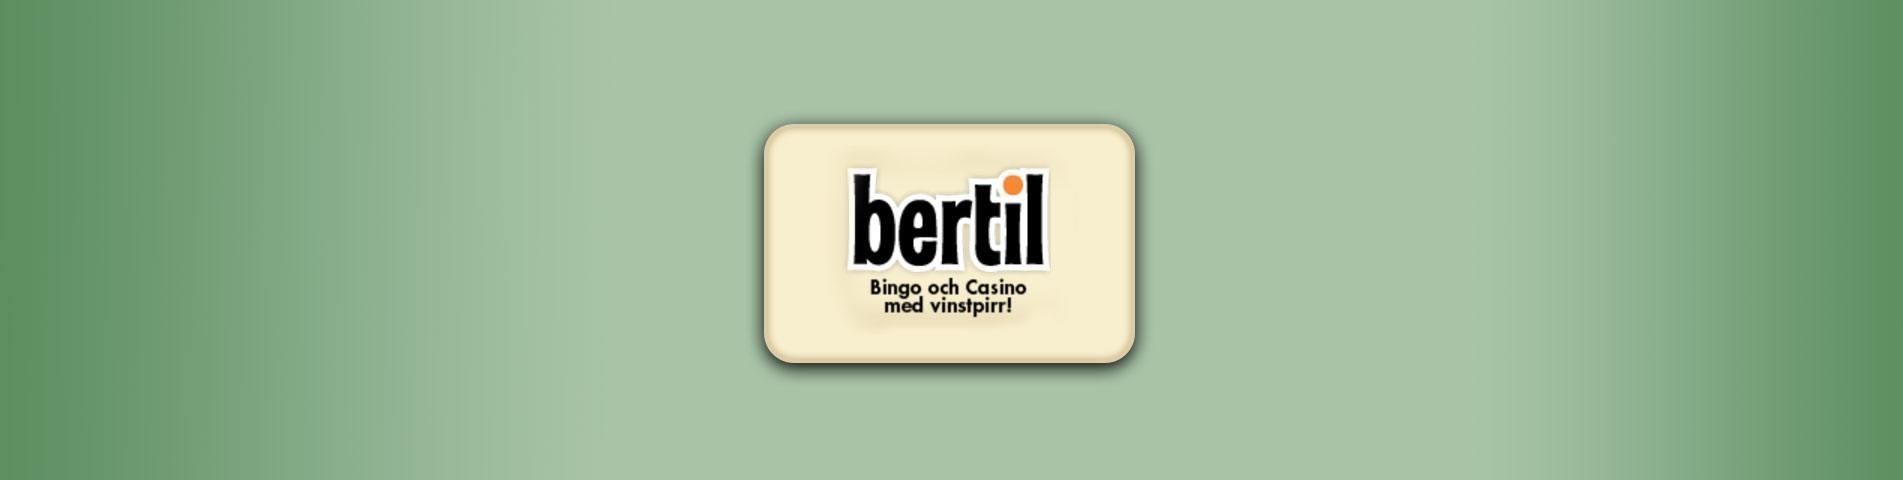 Bertil Casino online casino slider wyrmspell